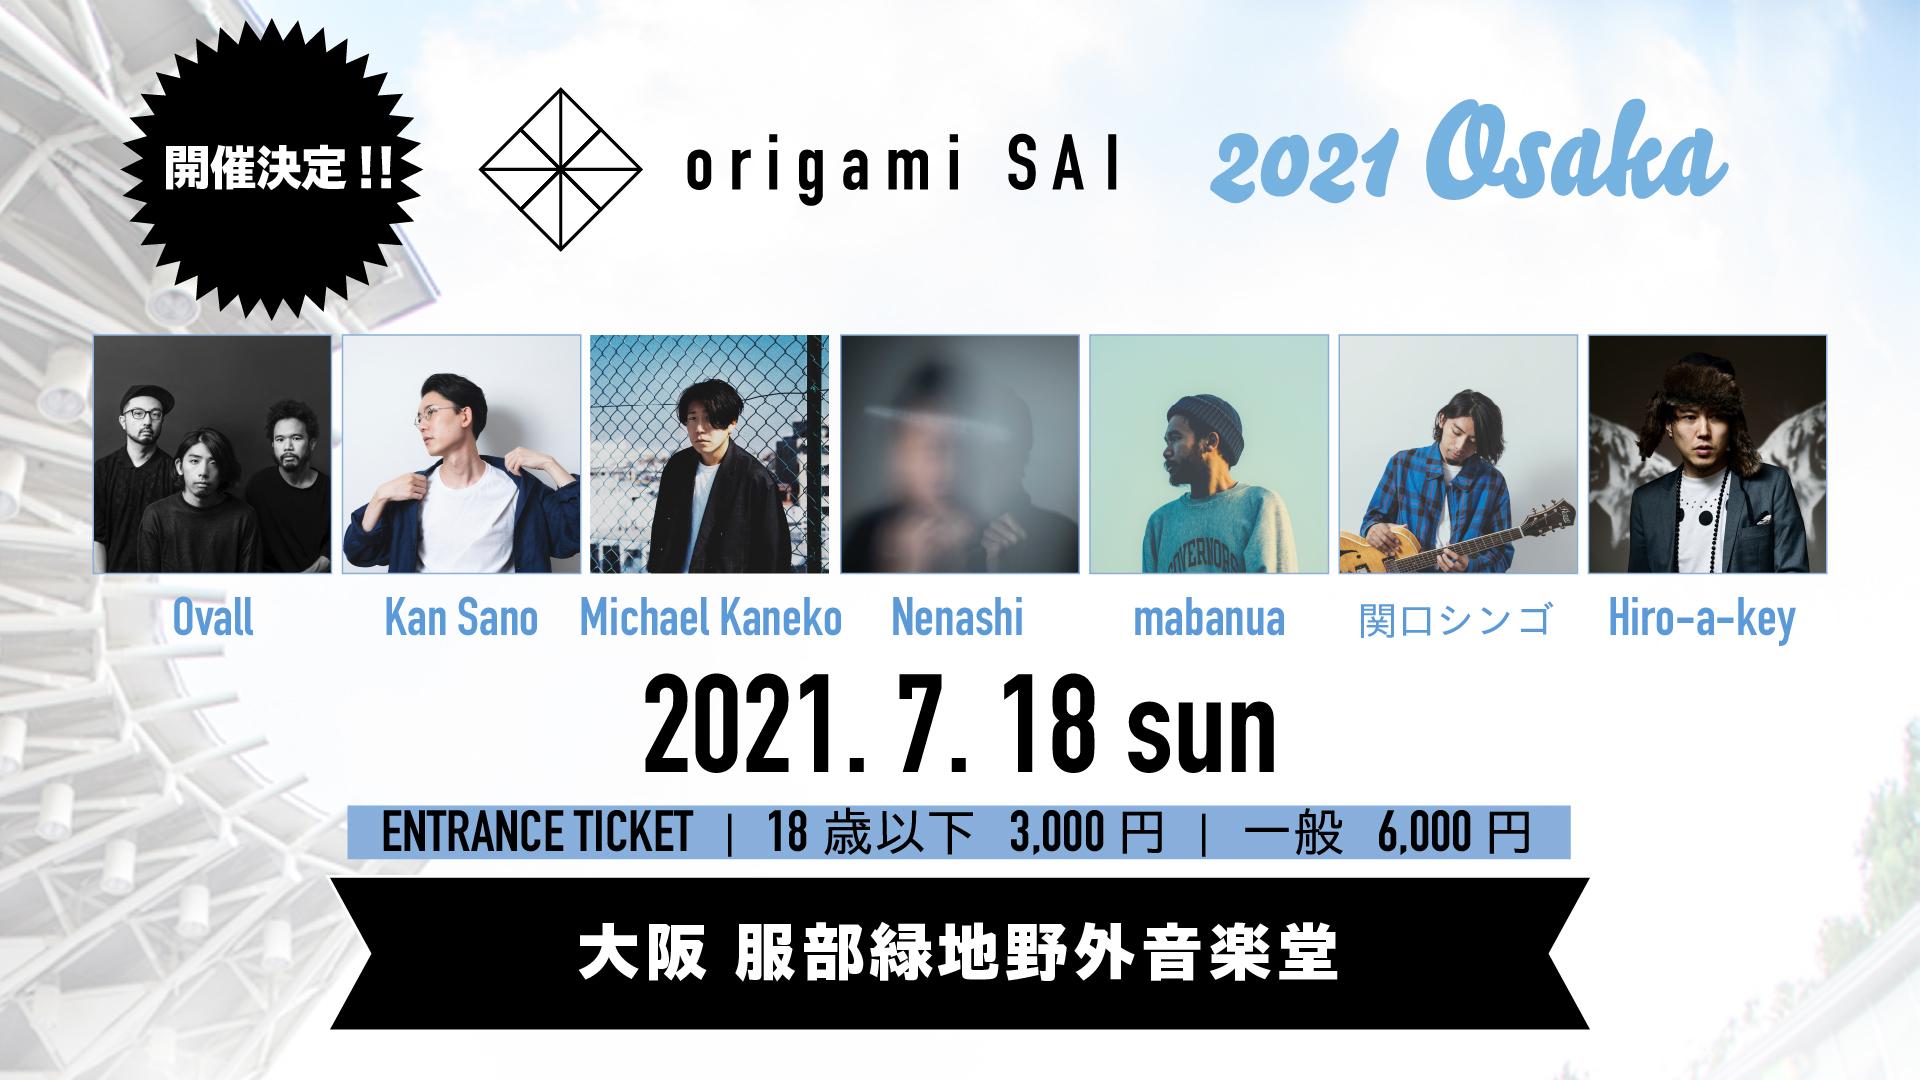 『origami SAI 2021 Osaka』